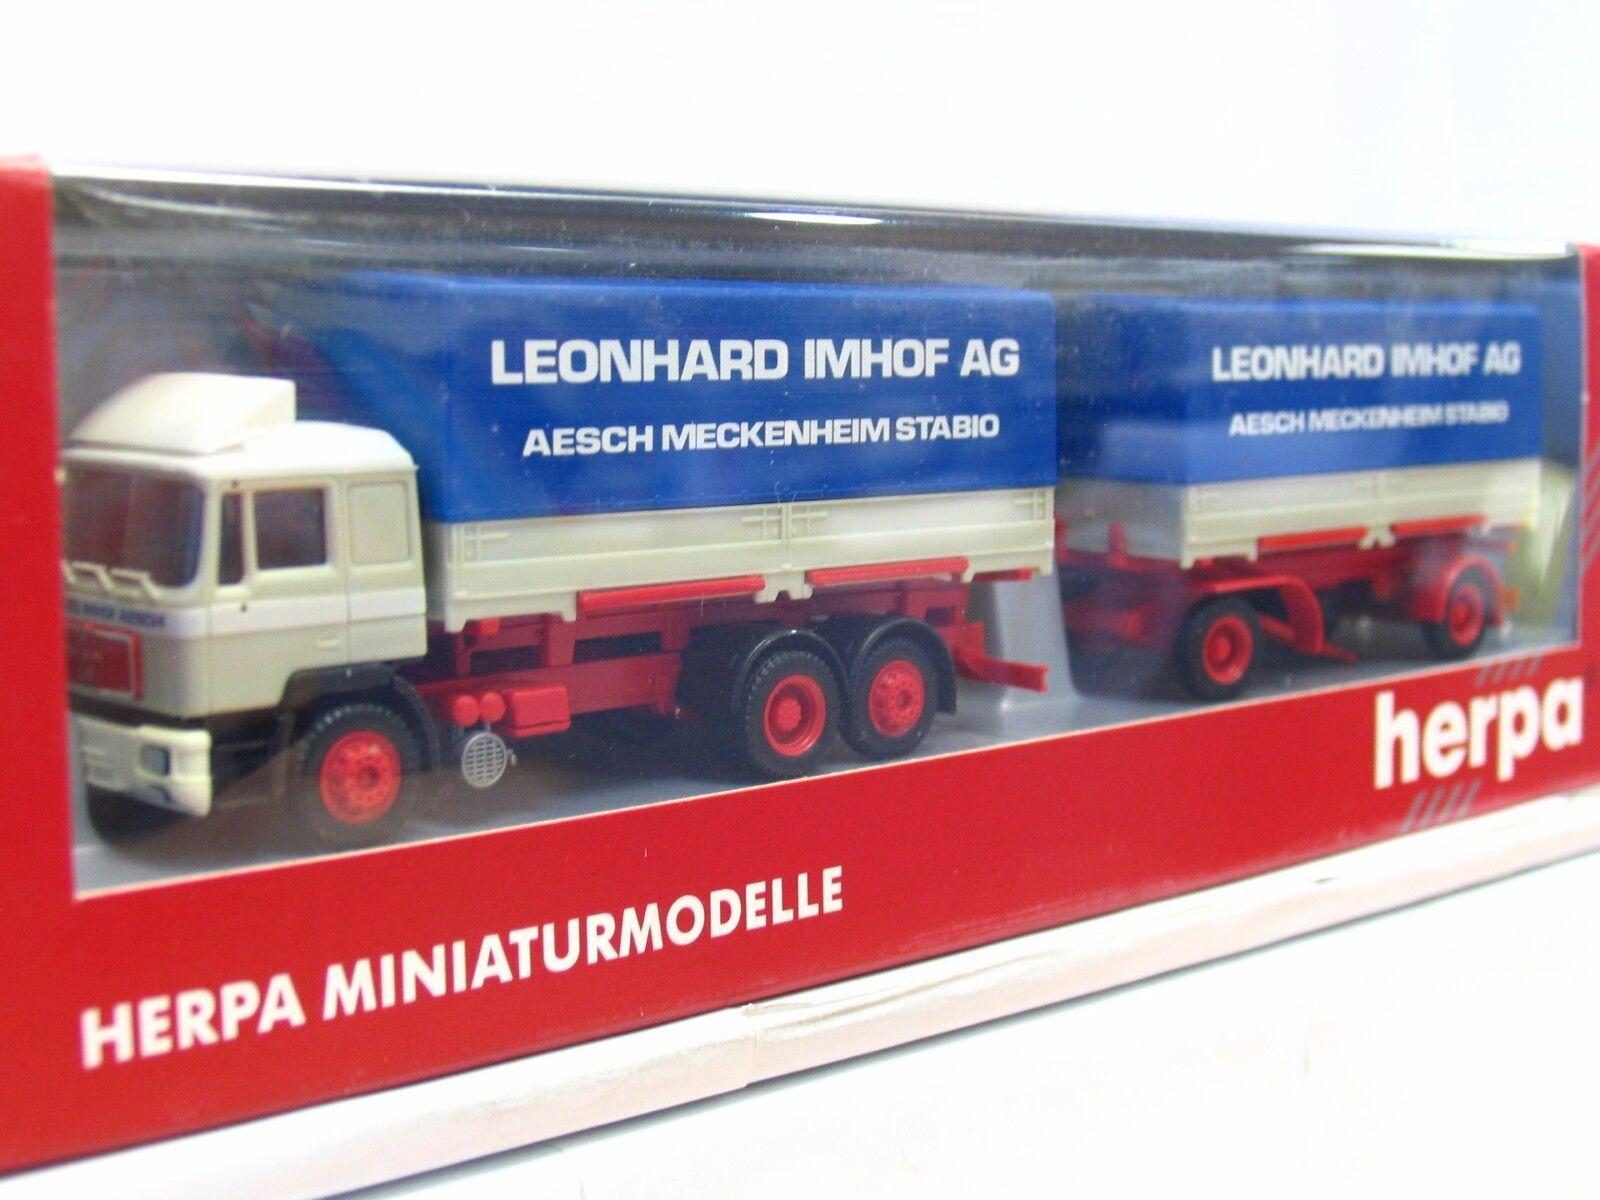 HERPA 1 1 1 87 man wechselpritschenhängerzug Leonard Imhof AG neuf dans sa boîte (tr9232) f1b112